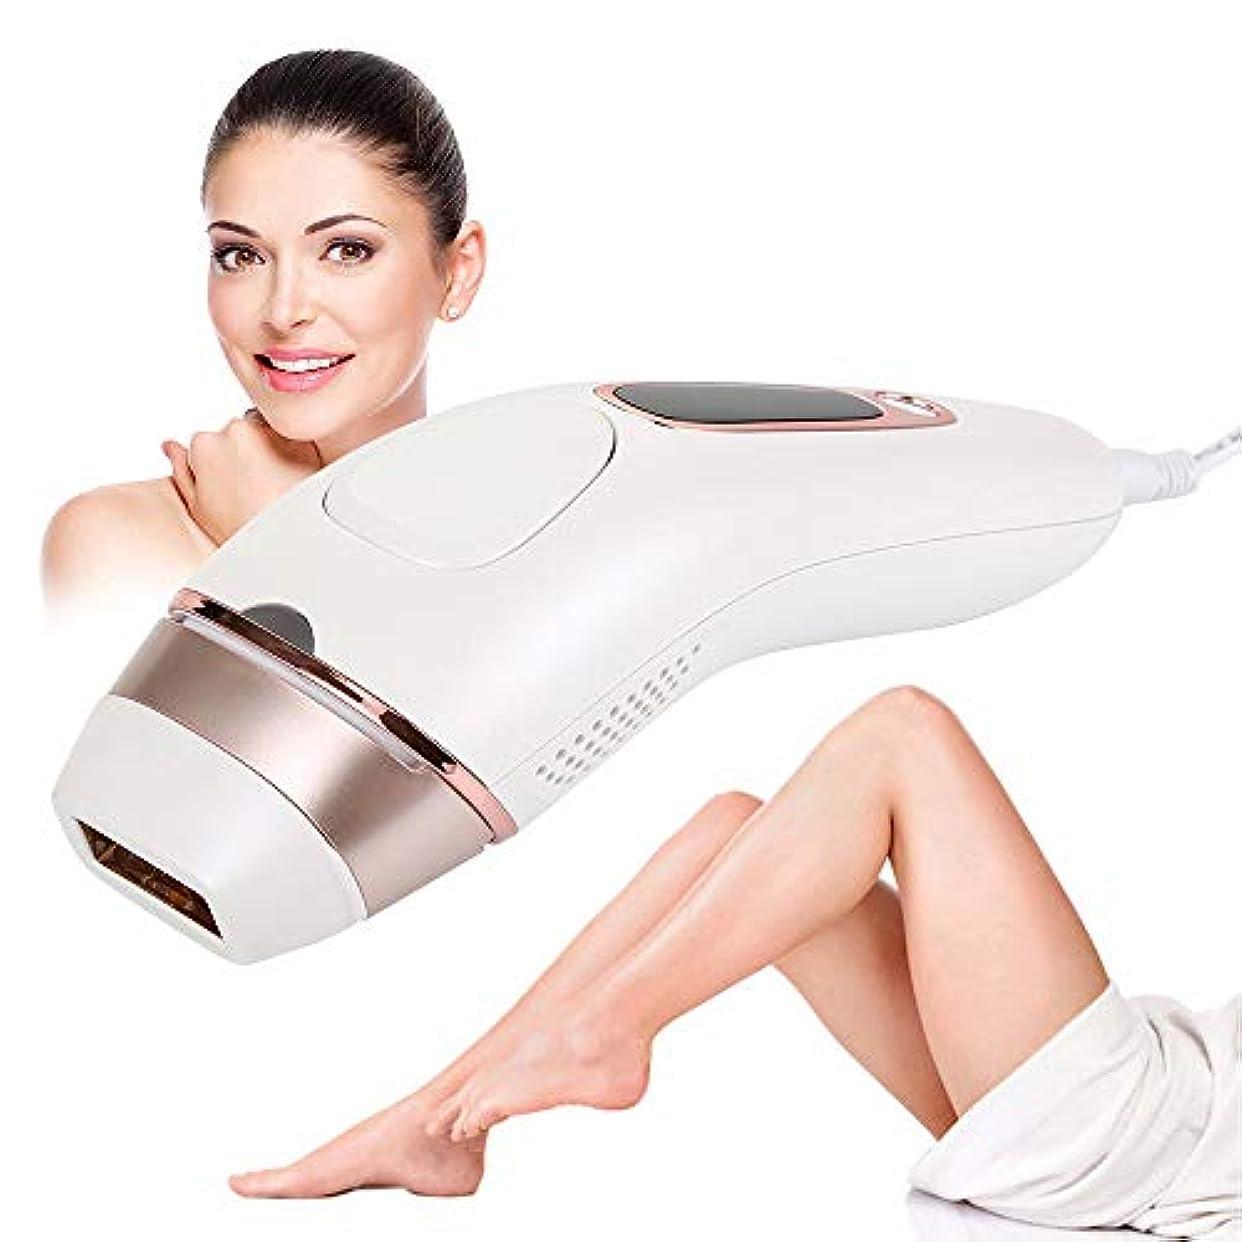 スプレー読者納税者安全で痛みのないミニ脱毛装置 - 女性男性用IPL脱毛装置、顔、脇の下、ビキニライン用の永久脱毛機用300,000フラッシュ